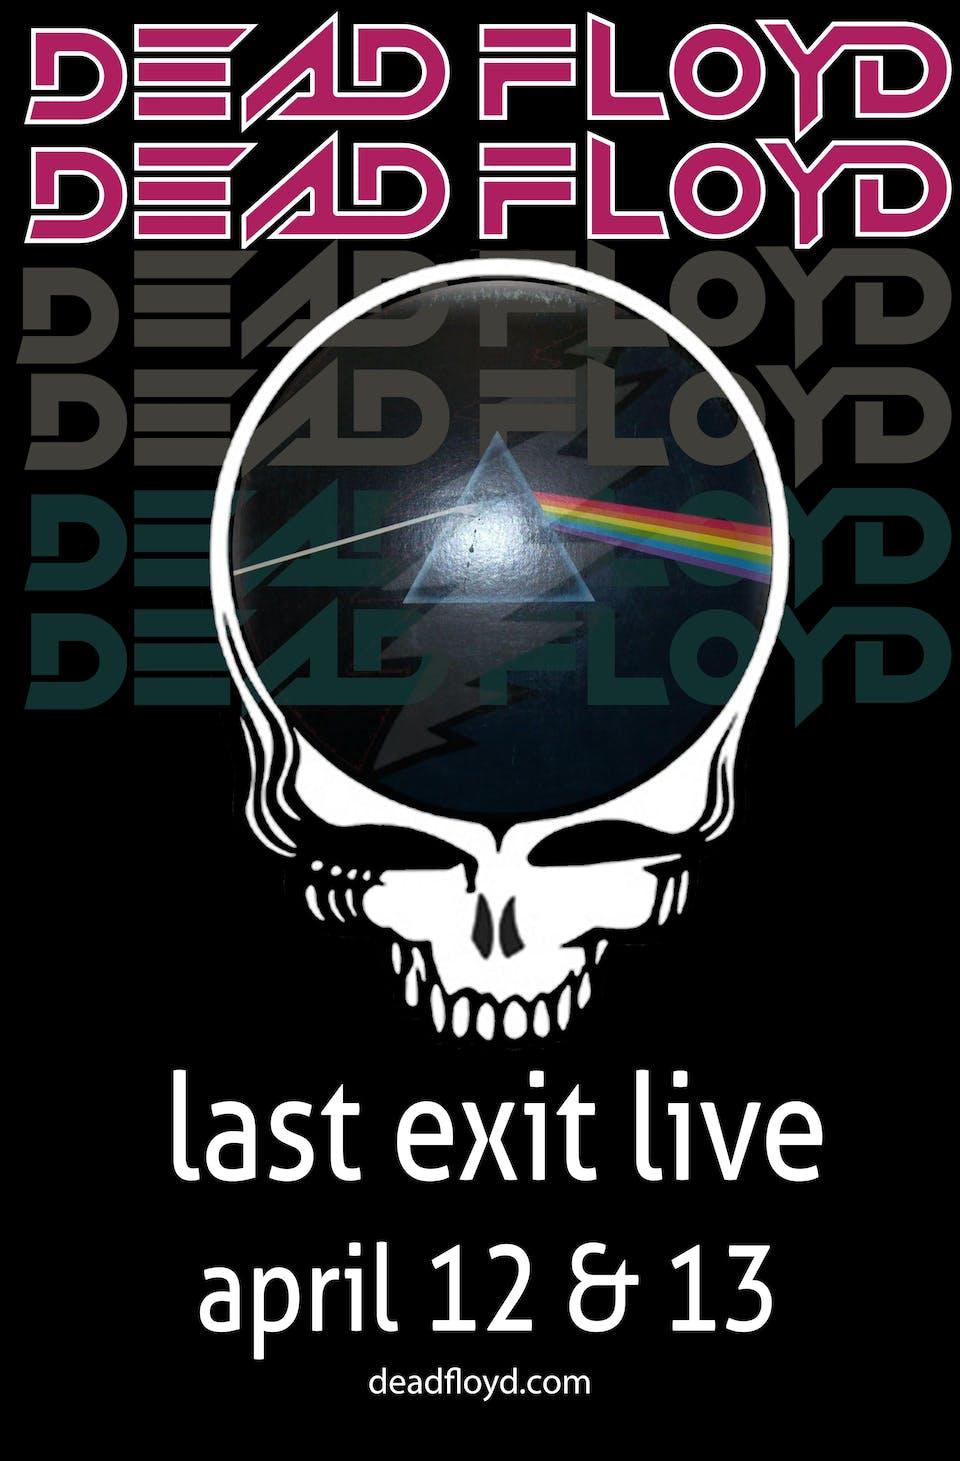 Dead Floyd - 2 Night Stand